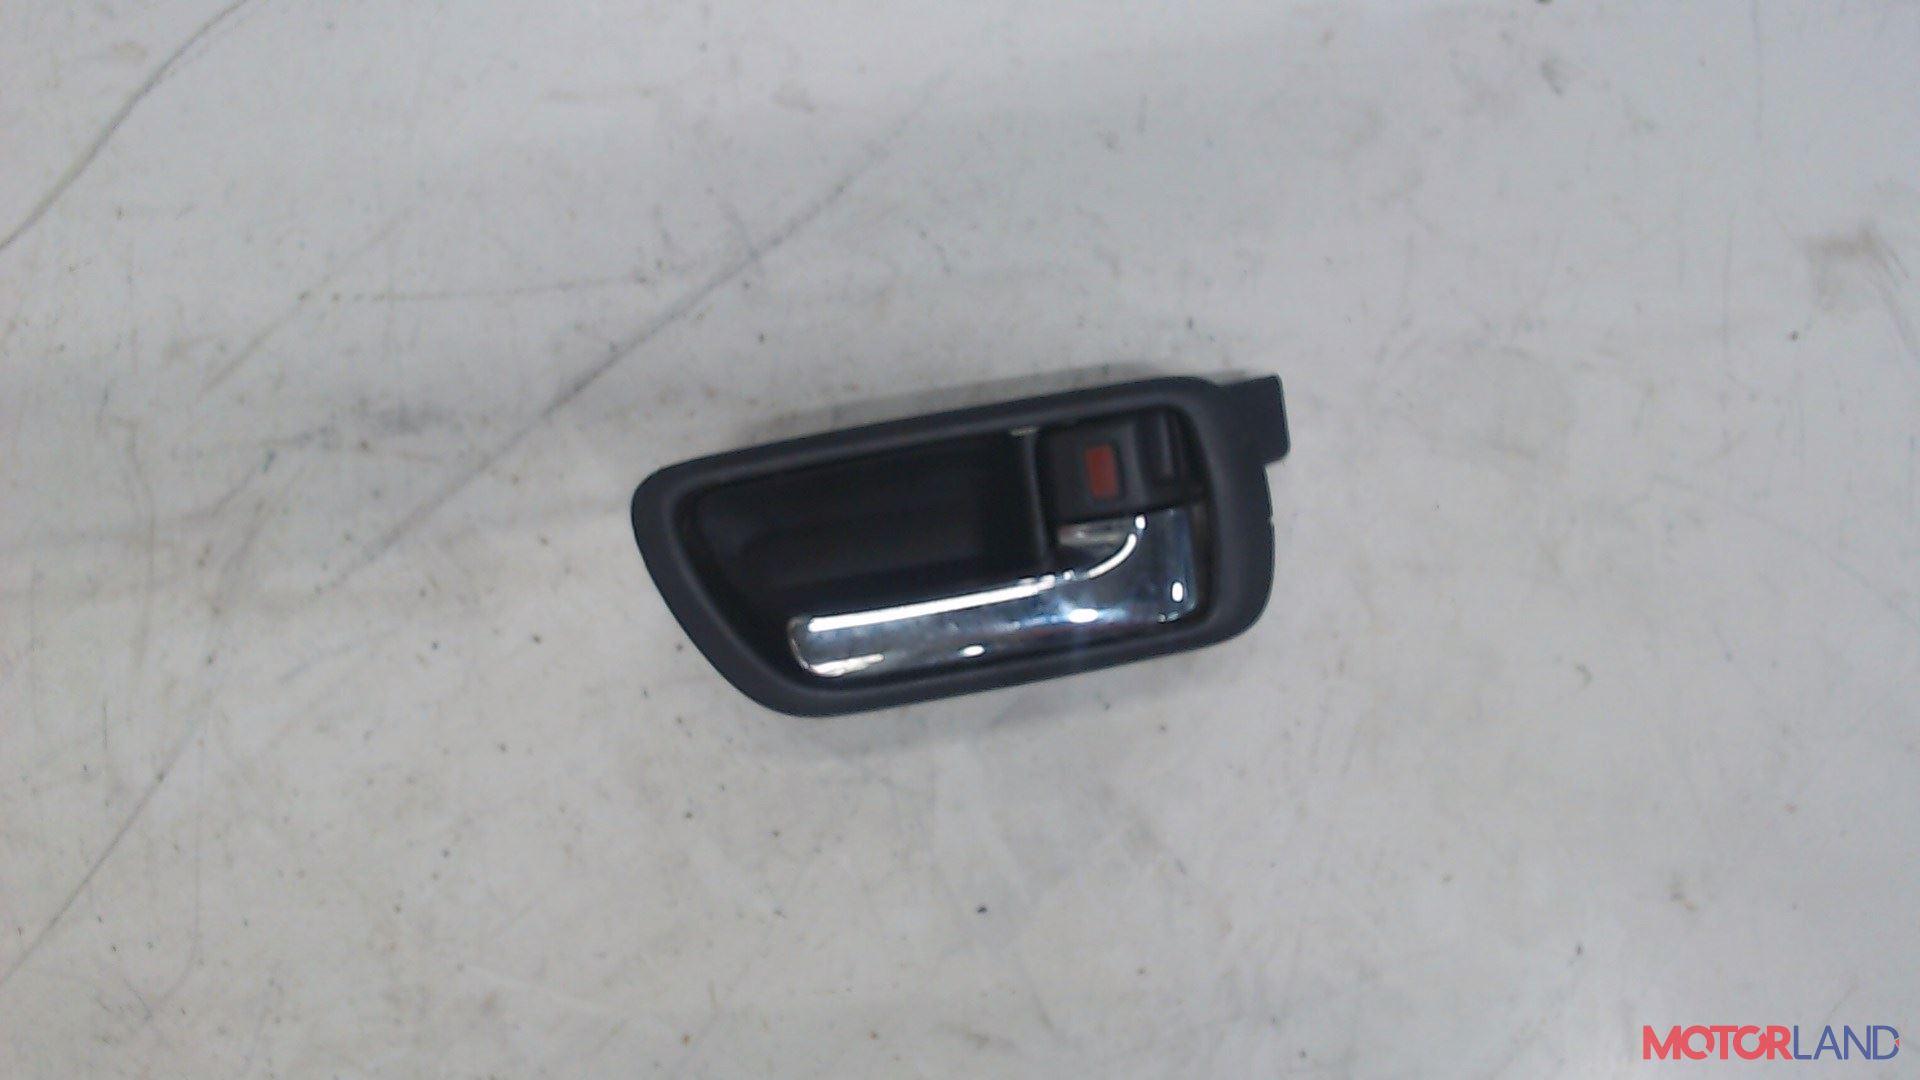 Ручка двери салона Toyota Corolla Verso 2004-2007, Артикул 5343387 #1